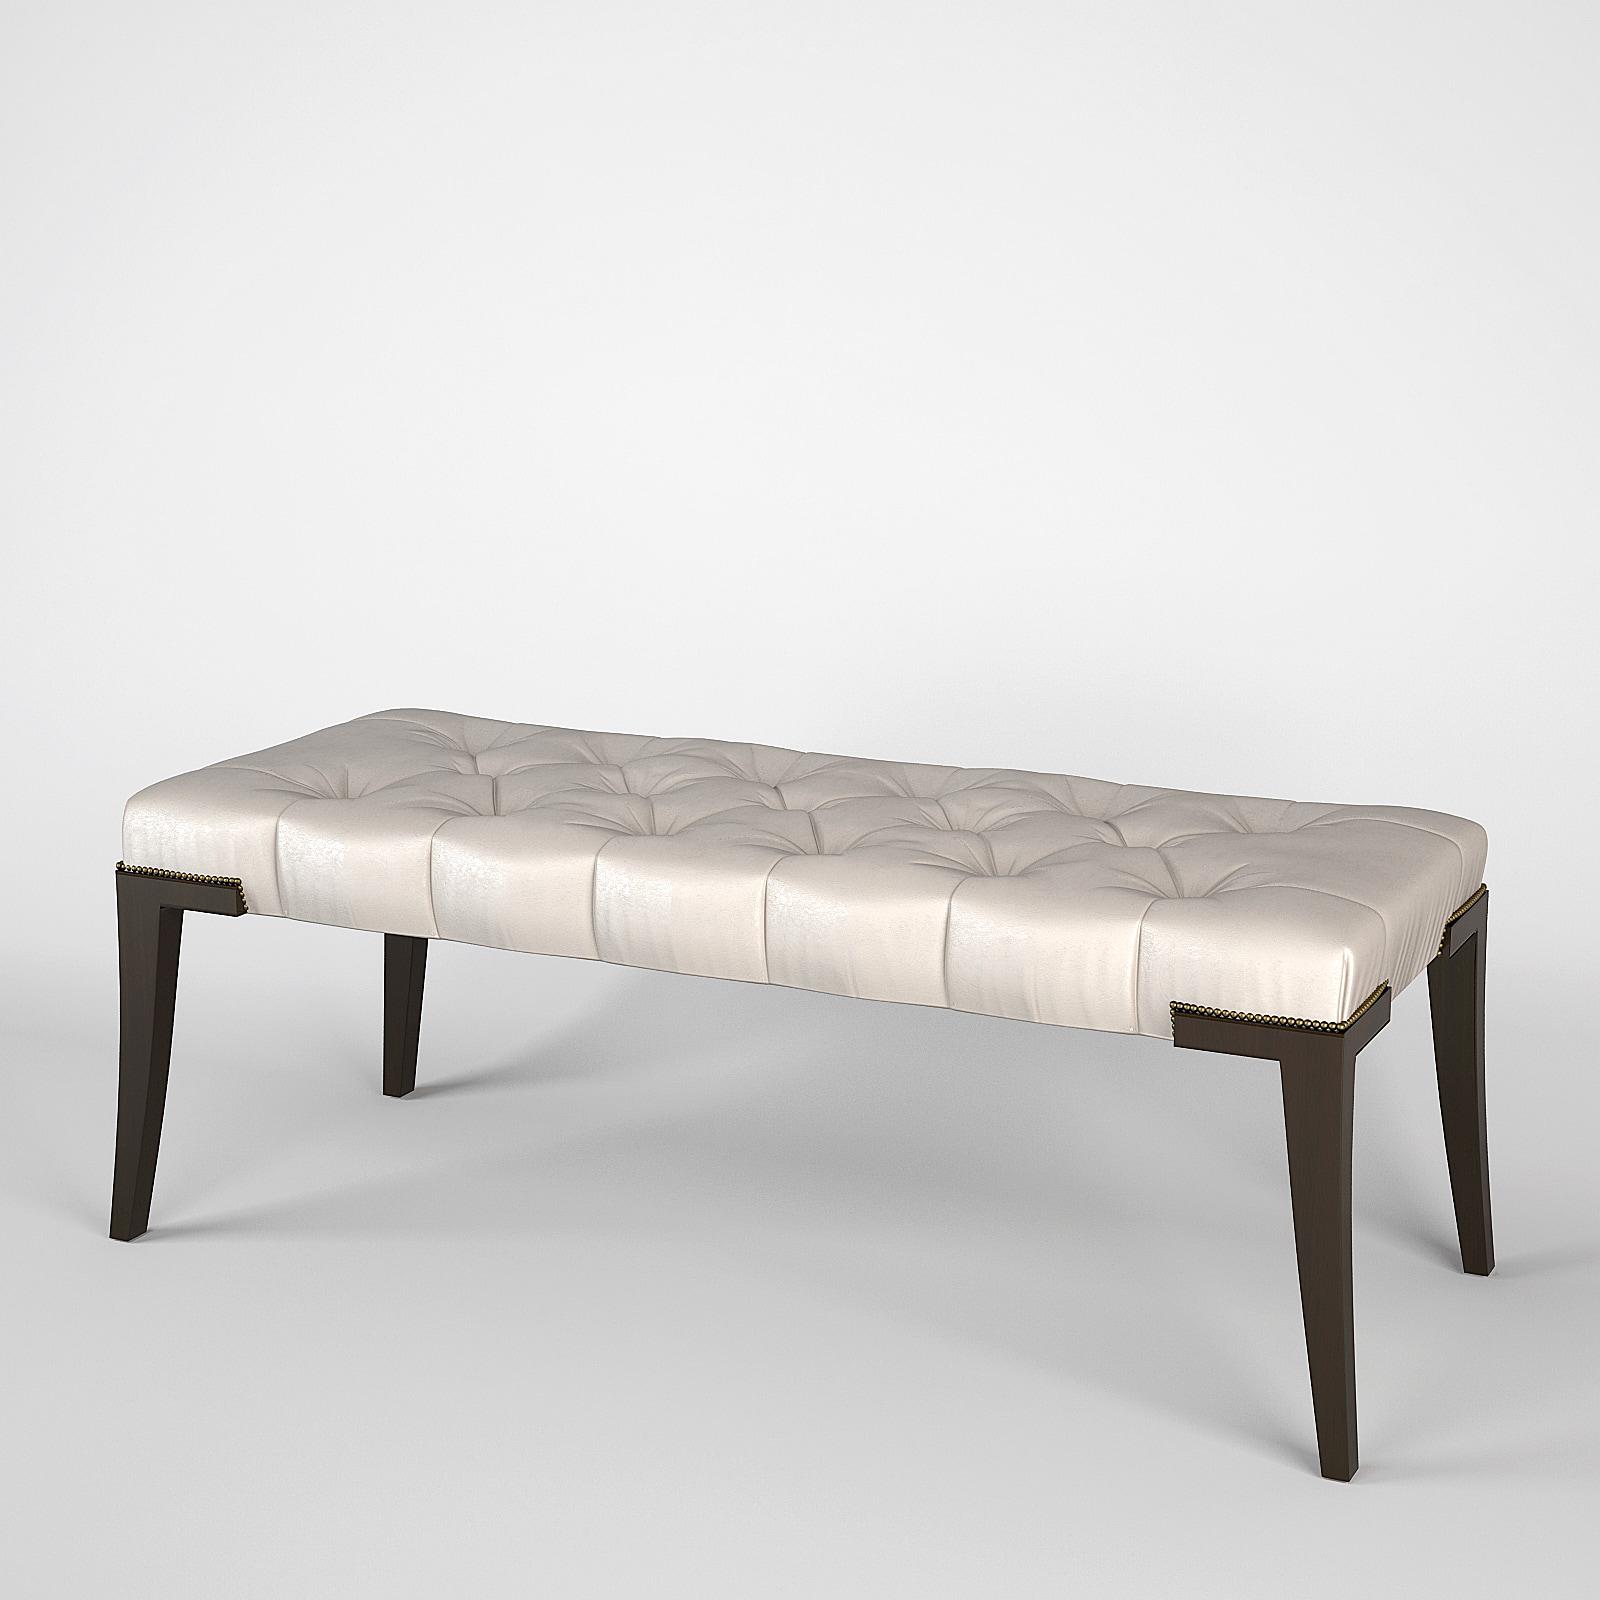 3d model baker adam bench